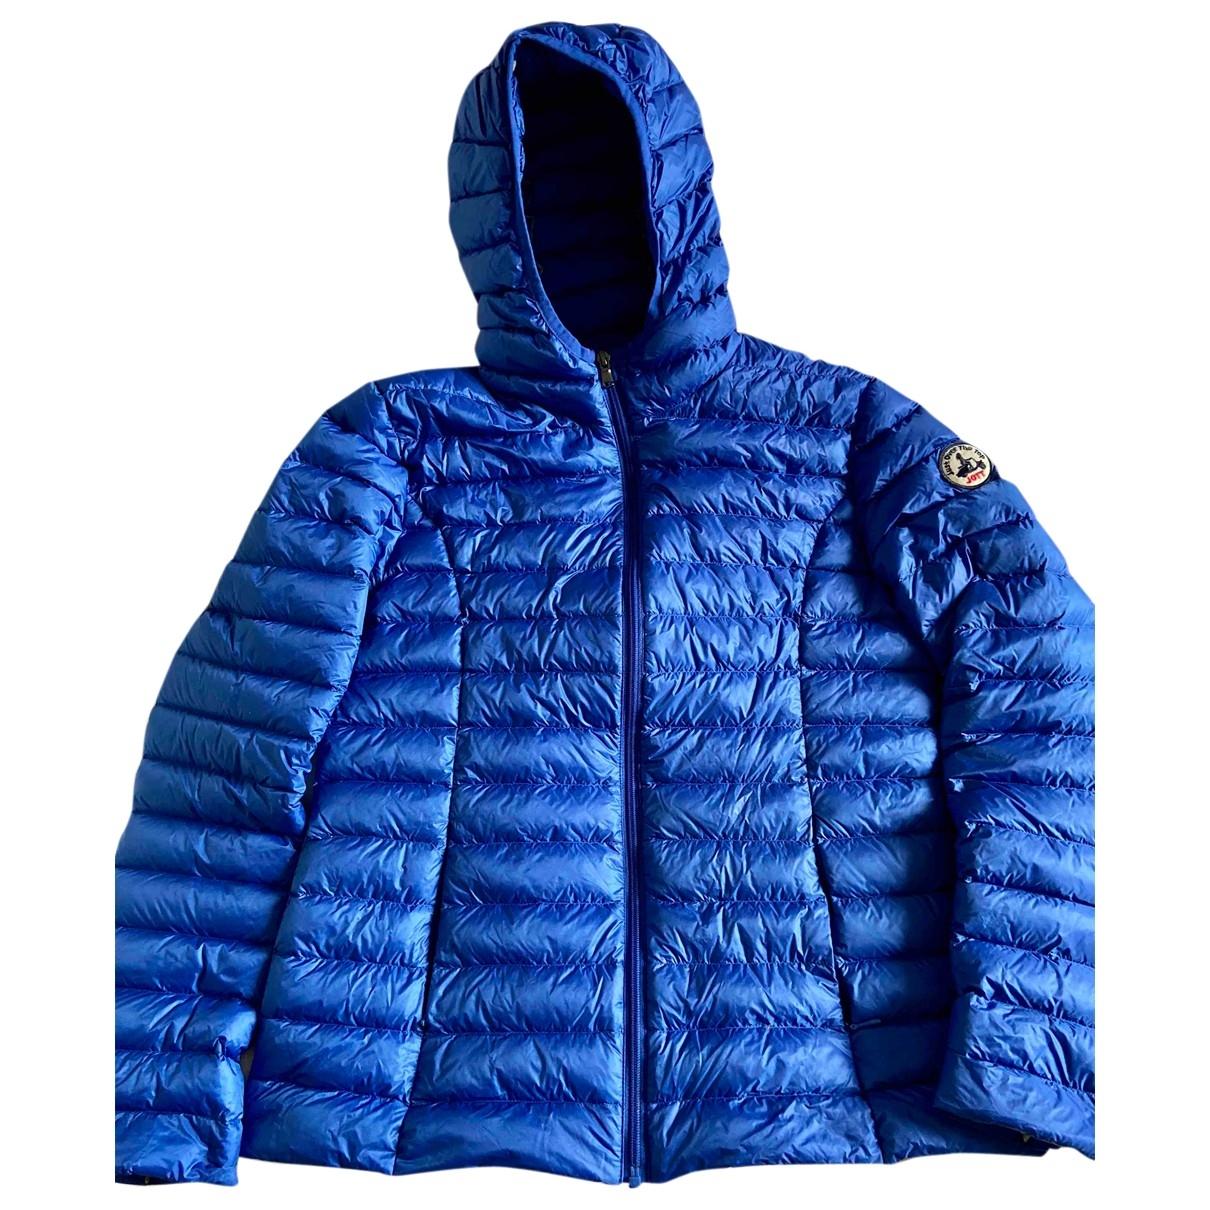 Jott \N Blue coat for Women 40 FR